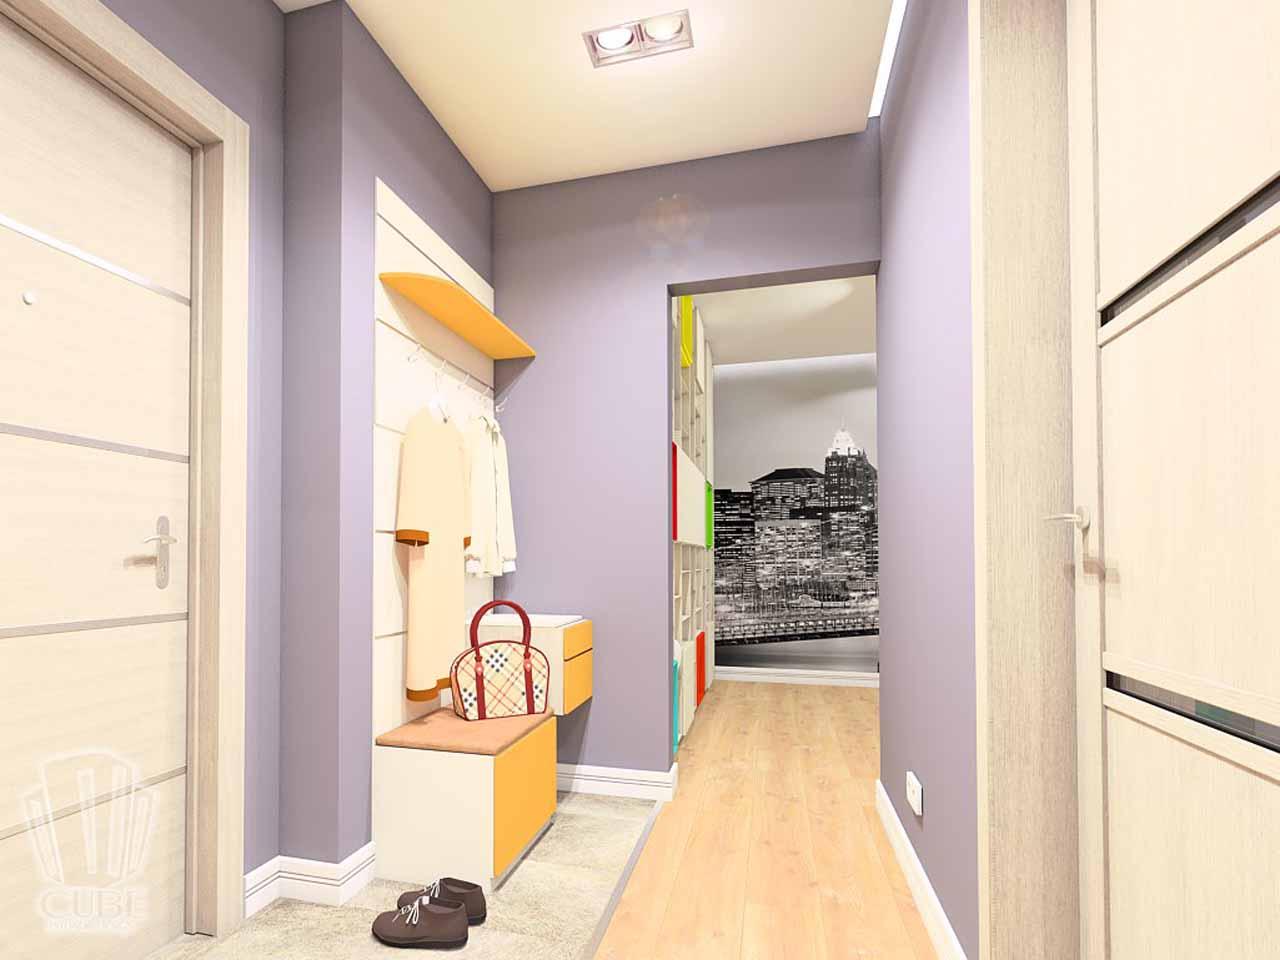 Дизайн интерьера в Тюмени м-н Преображенский Яркая квартира для друзей (2)